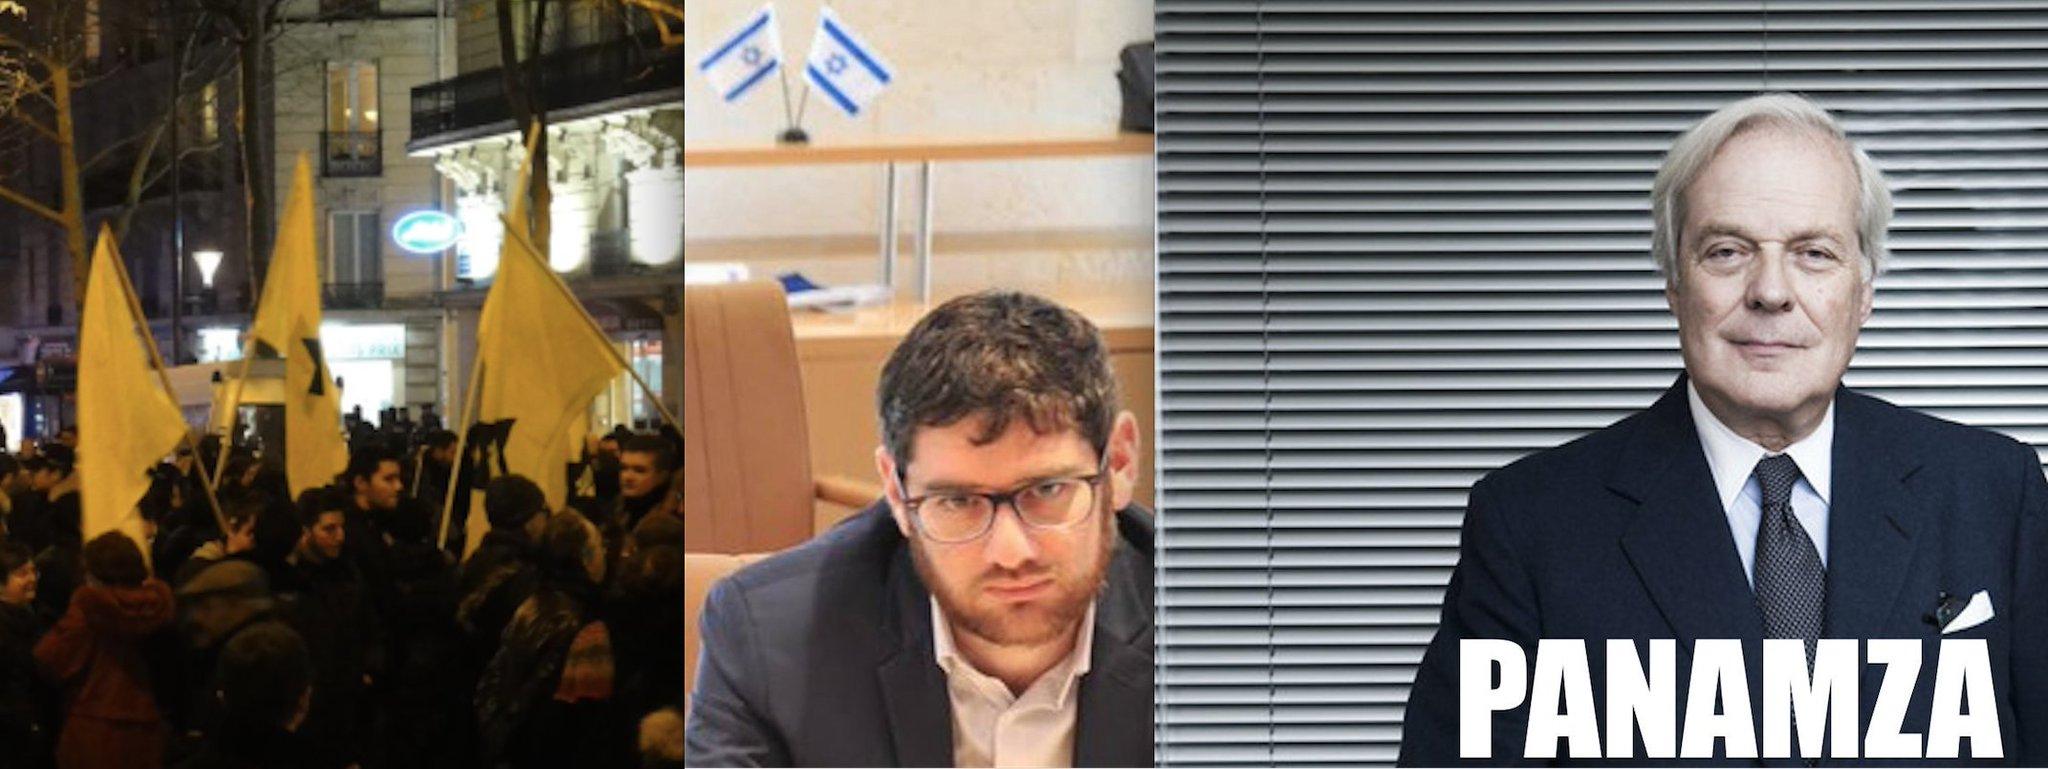 Contre Mélenchon, pour Valls : Rudy Reichstadt, financé par Rothschild et repris par la LDJ